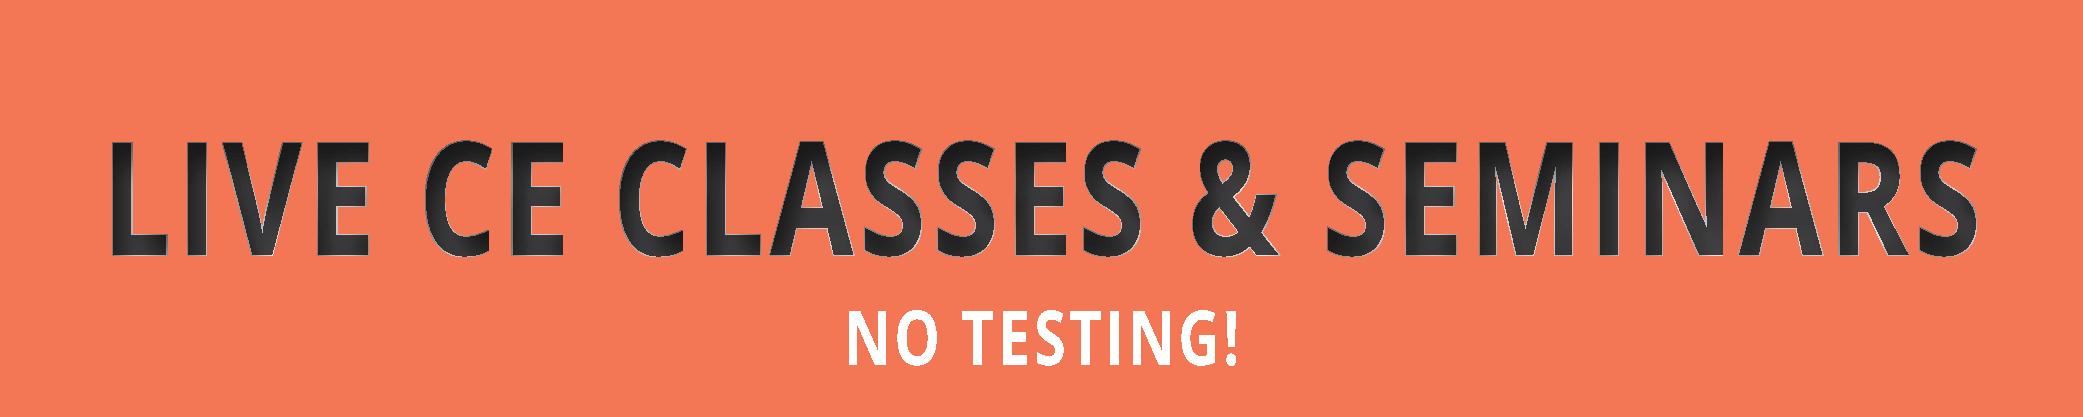 Live CE Classes - Seminars